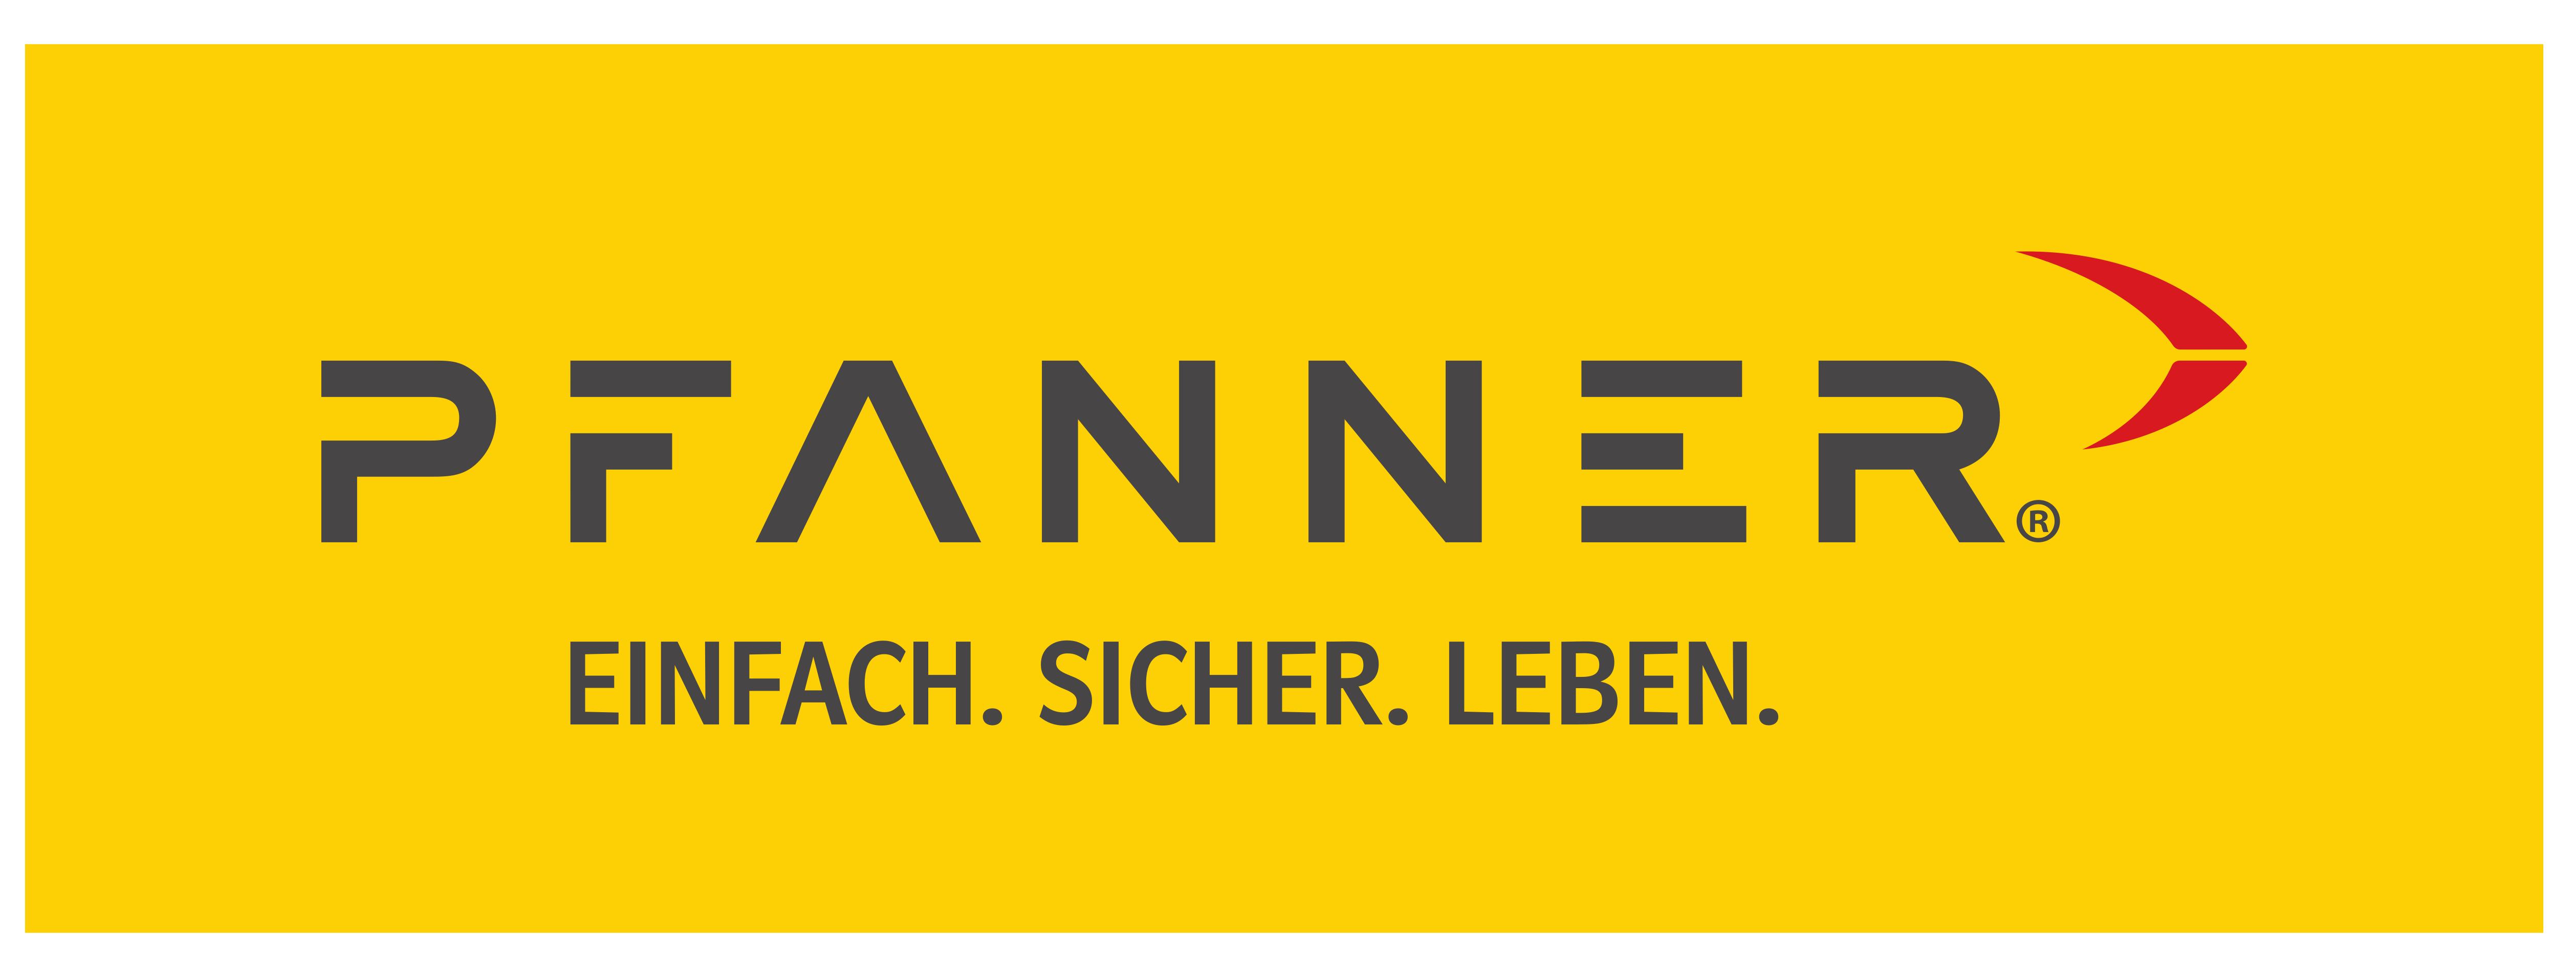 Pfanner-Logo-ci-claim gelb